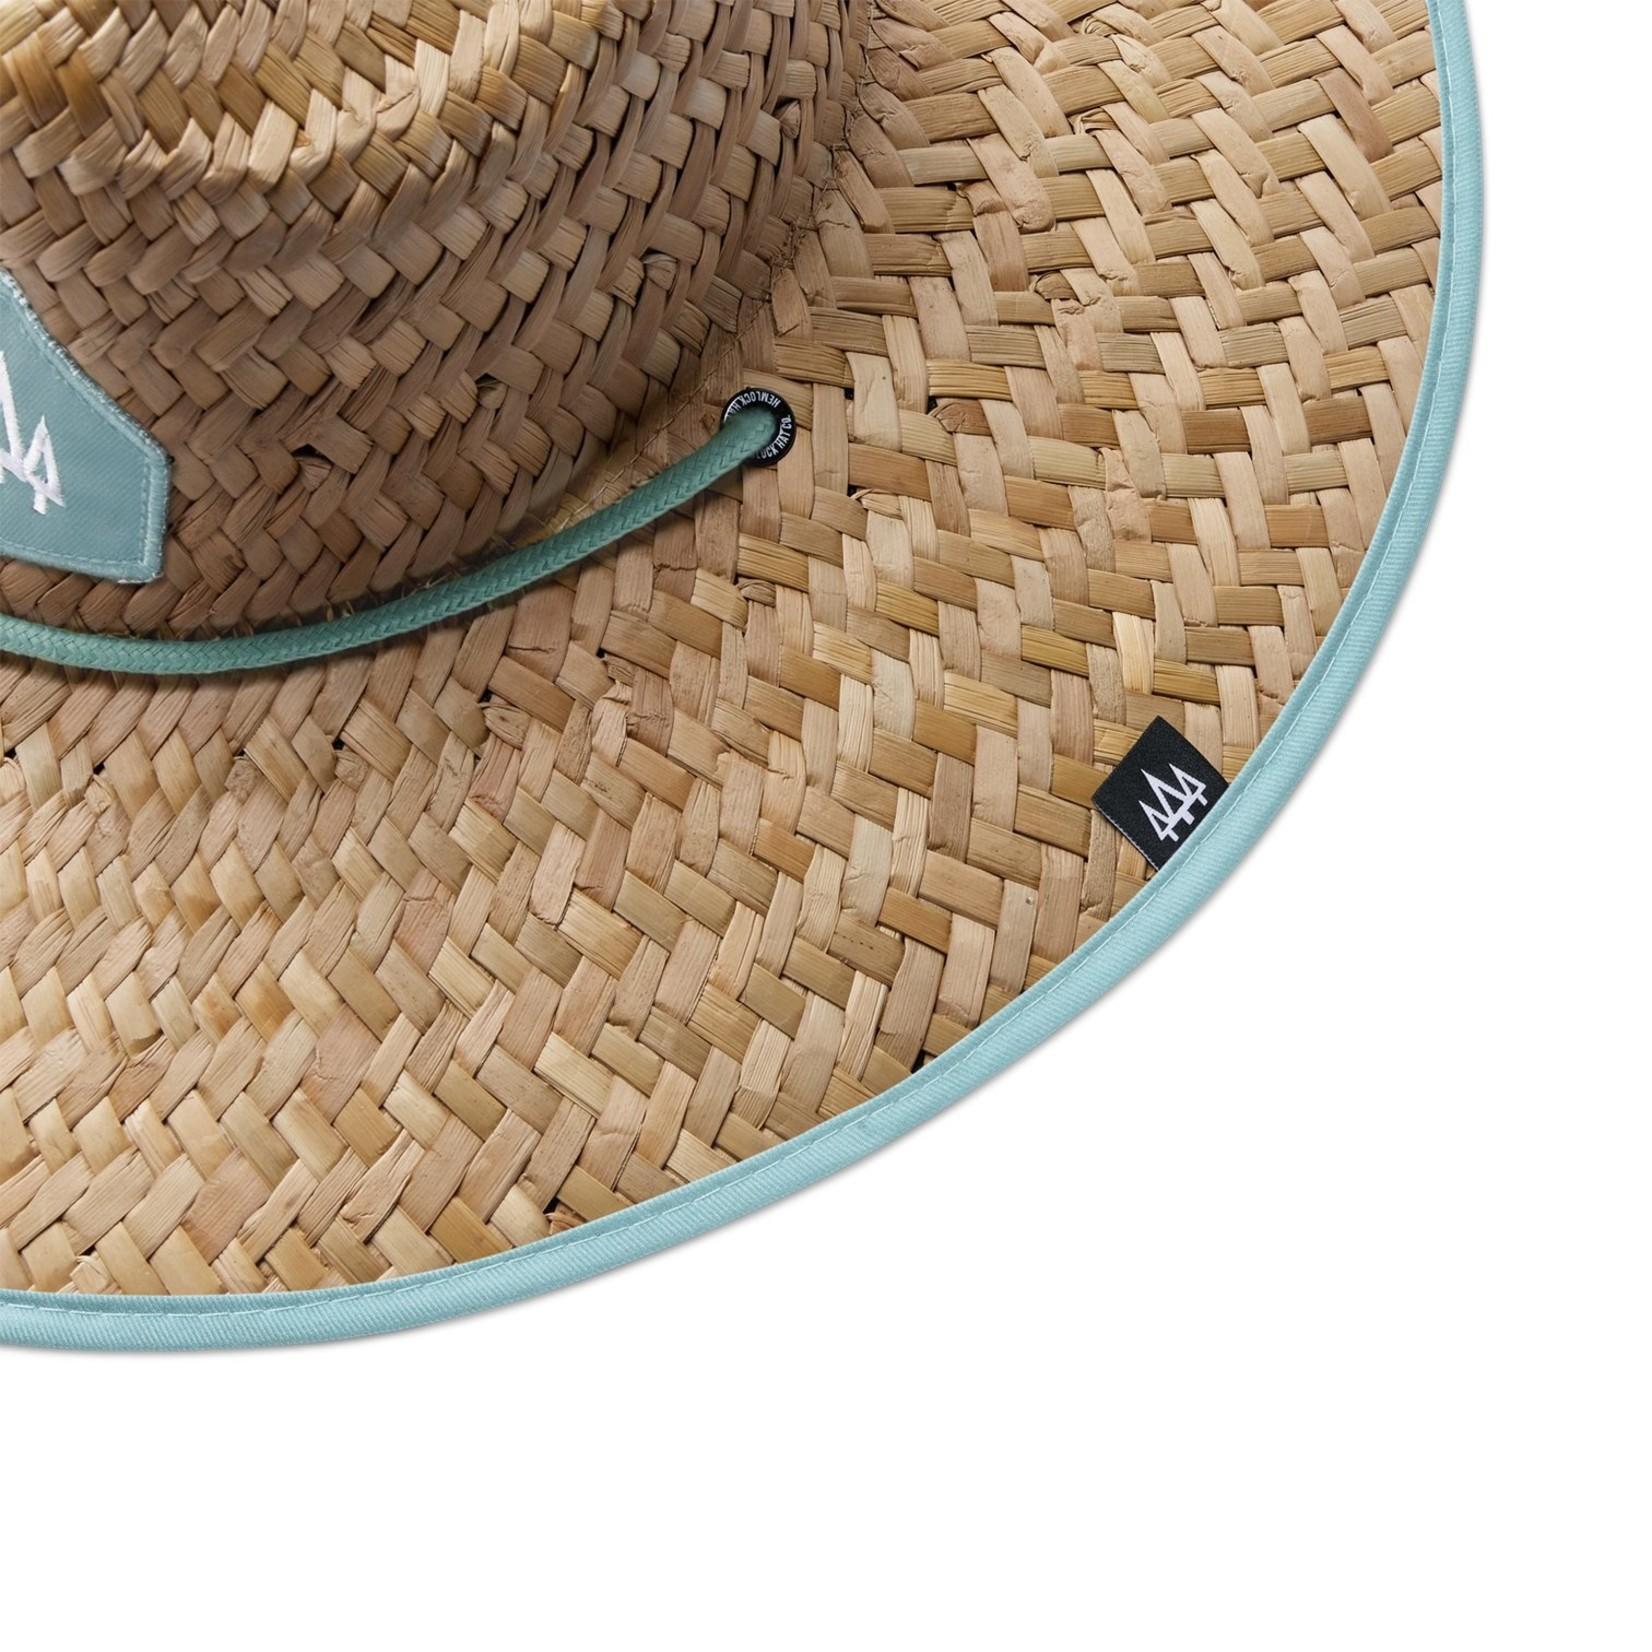 Hemlock Hat Co. Hemlock Hat Co. - Wasabi